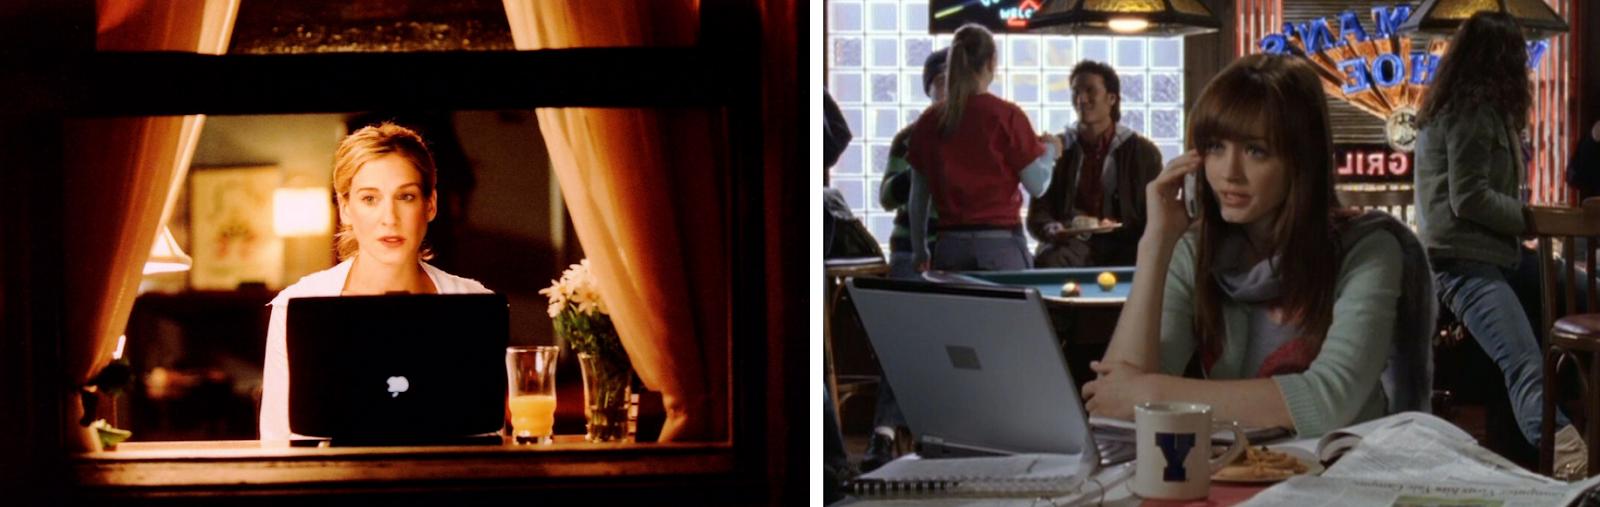 7 lat bloga, czyli być jak Carrie Bradshaw lub Rory Gilmore